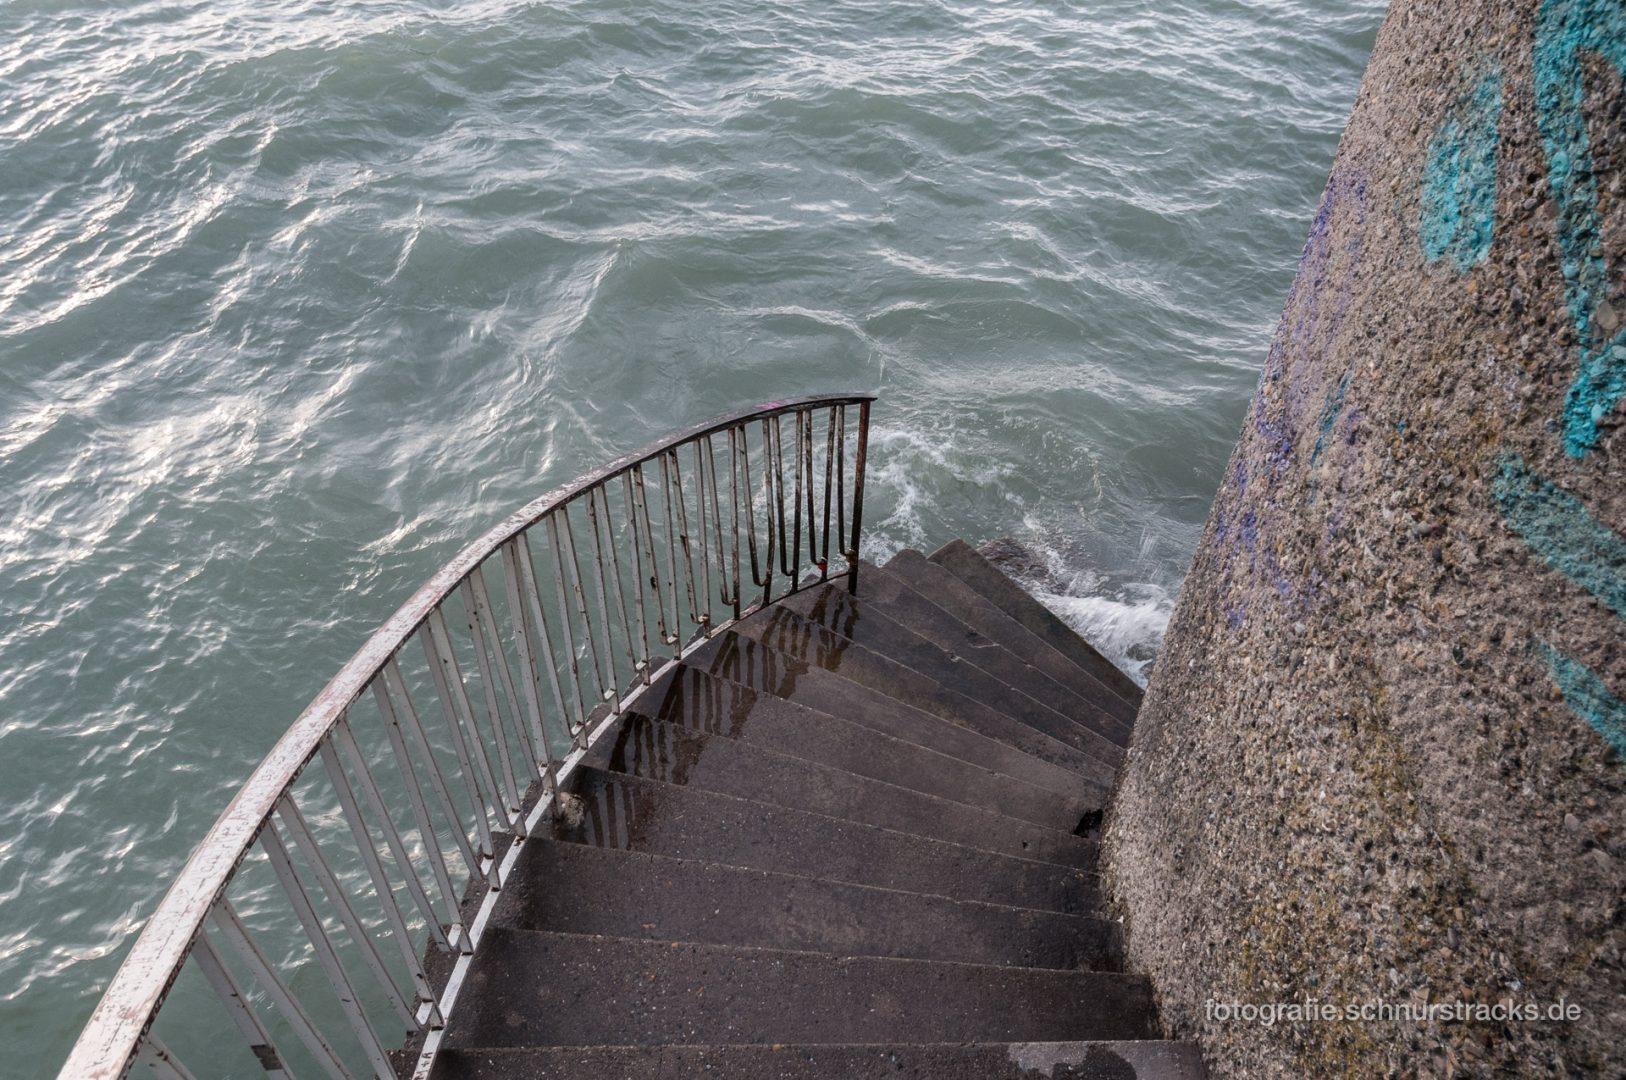 Treppe zum Bodensee #0737